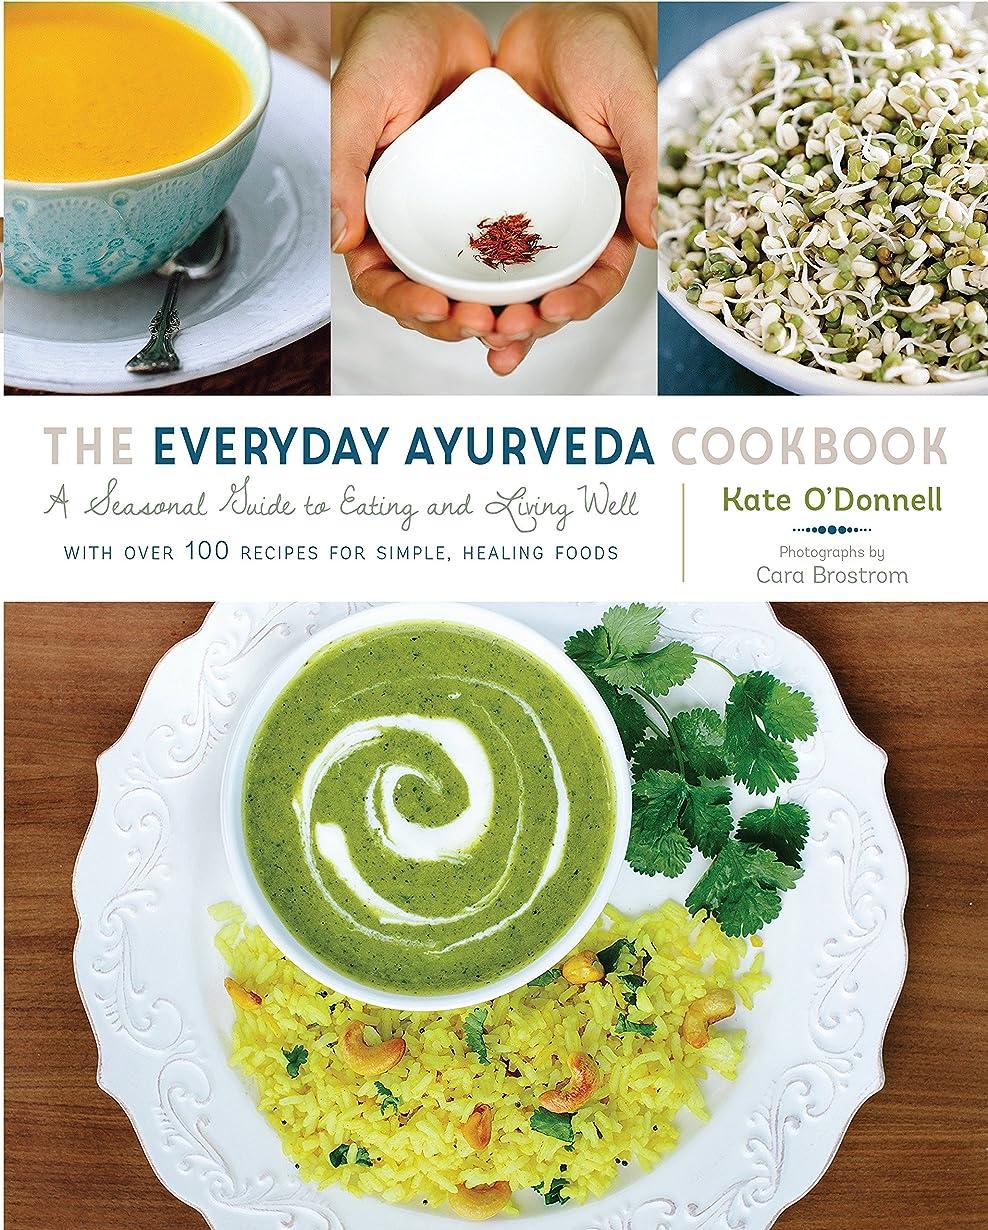 変換するまたね高揚したFood52 Mighty Salads: 60 New Ways to Turn Salad into Dinner (Food52 Works) (English Edition)